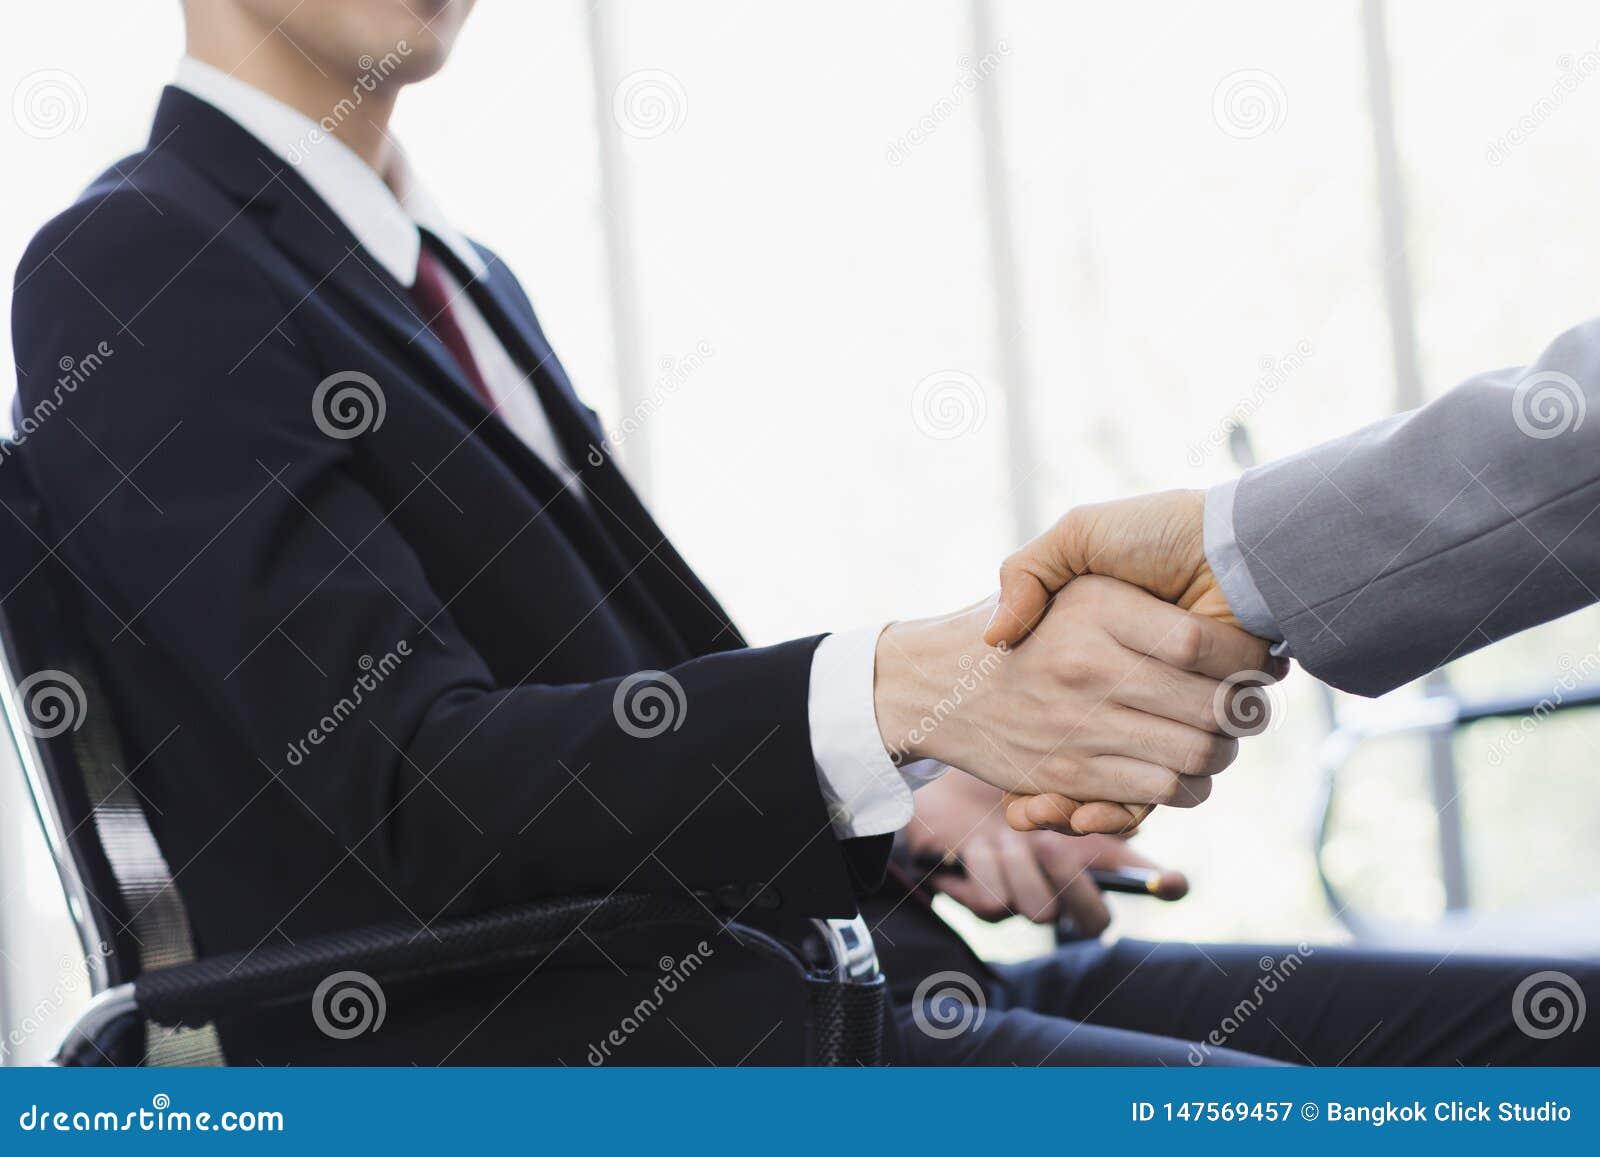 Azjatycki biznesmena u?cisk d?oni wp?lnie w biurze